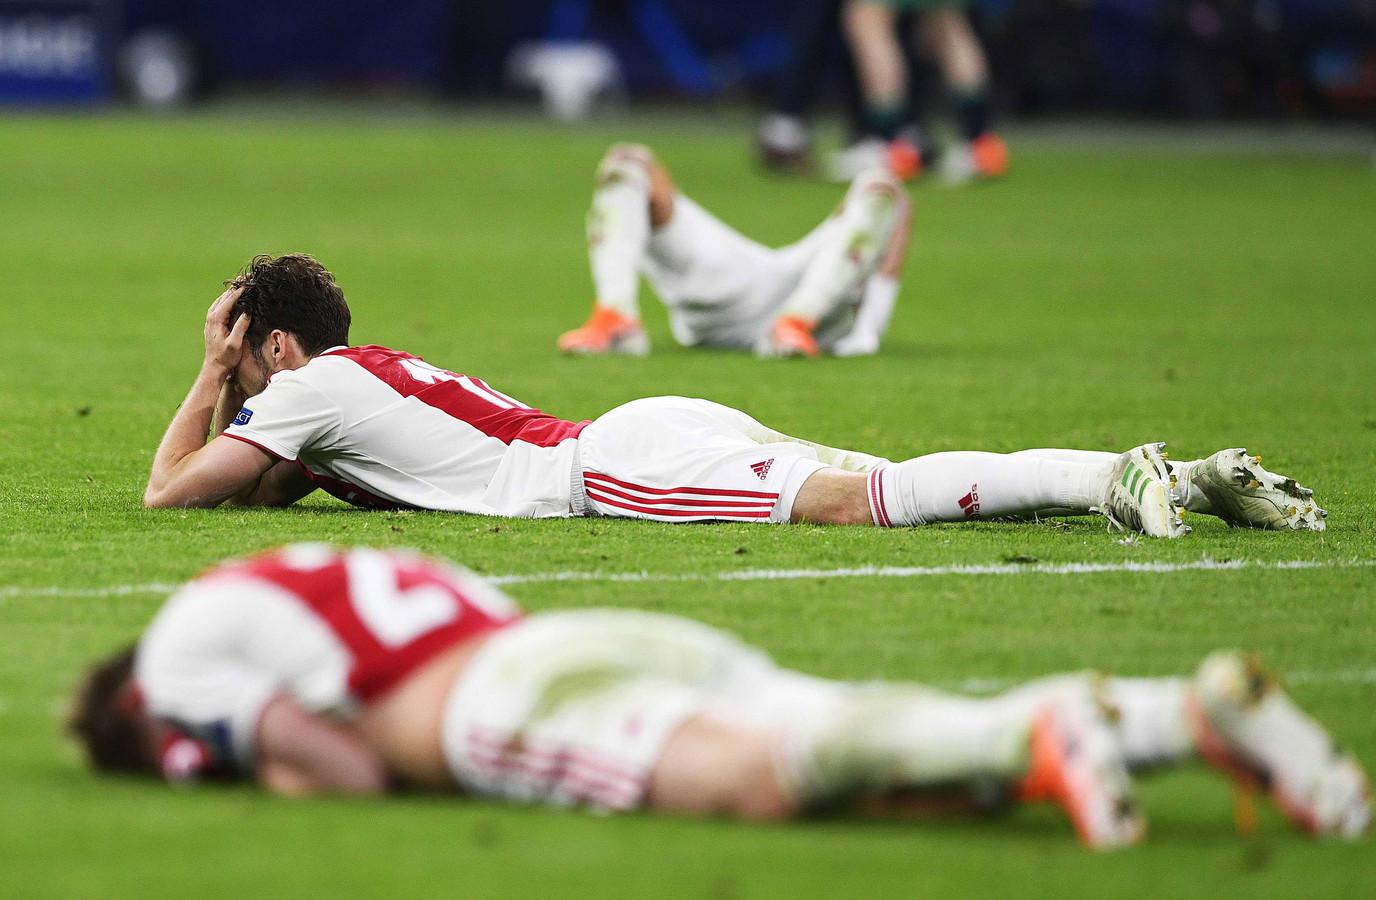 Ongeloof bij de spelers van Ajax, die een paar seconden verwijderd waren van een finaleplaats.